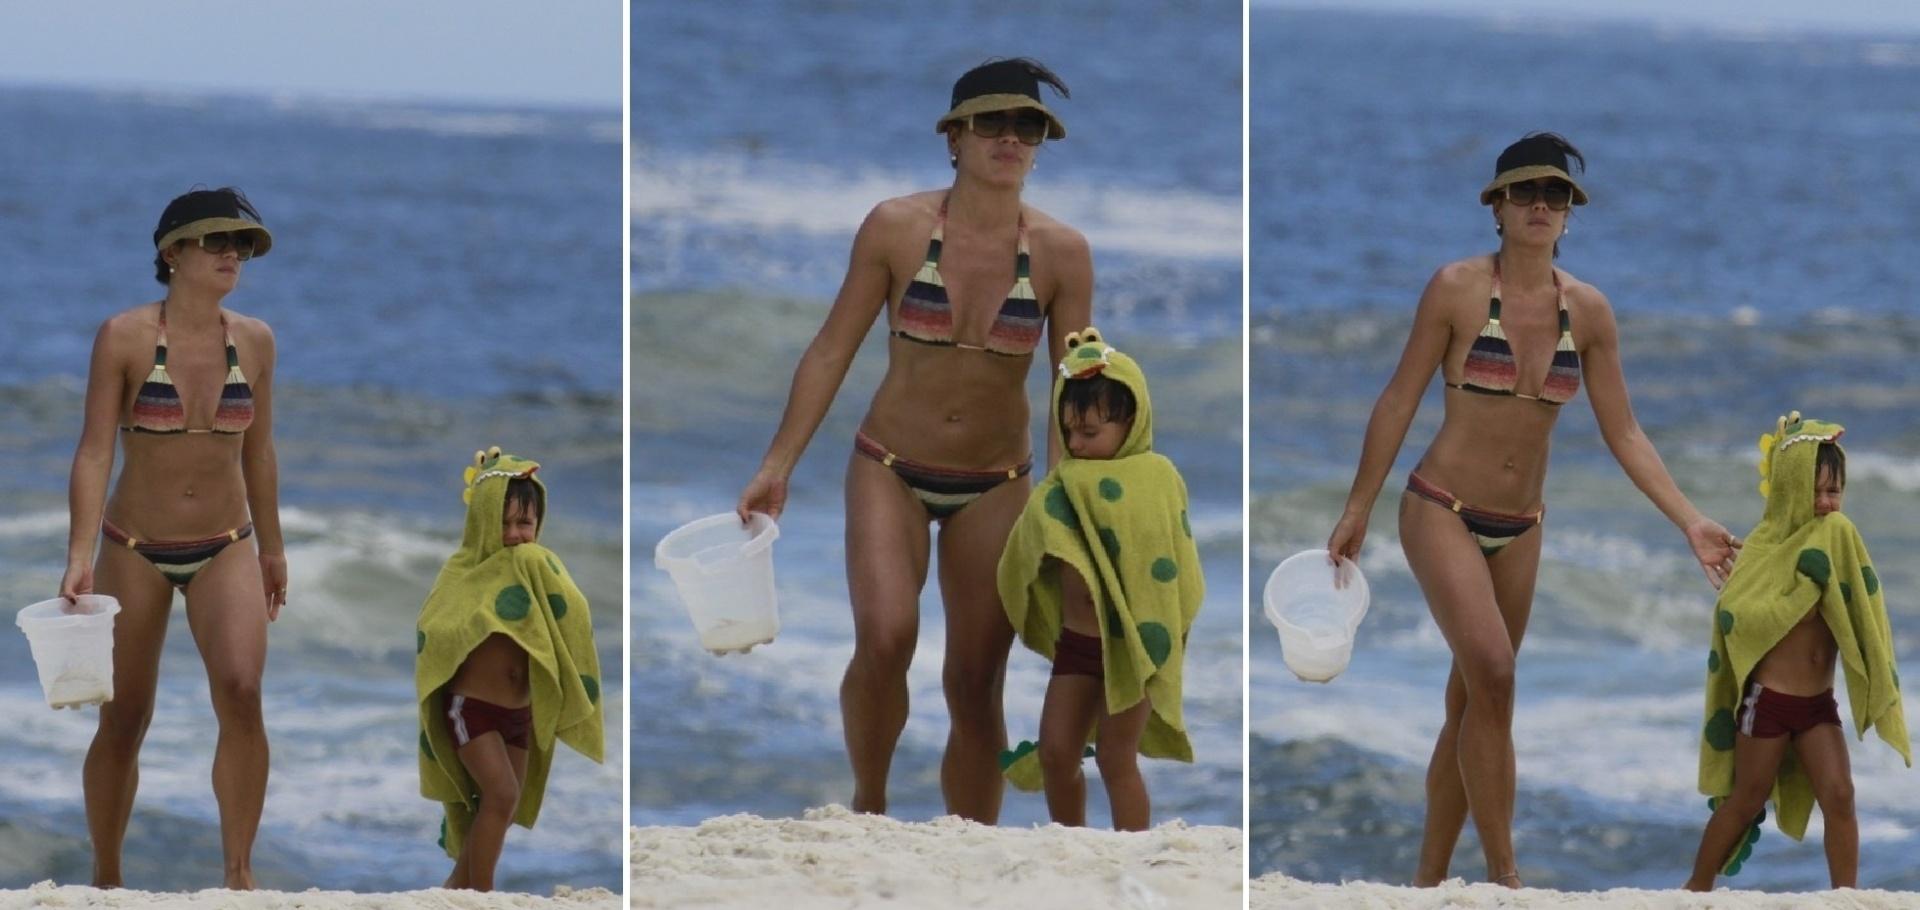 14.dez.2013 - Ao lado do filho, Matheus, Juliana Knust exibe boa forma em praia do Rio, De biquíni, a atriz chamou atenção ao exibir o abdômen sarado na tarde deste sábado (14), na Praia da Barra, Zona Oeste carioca